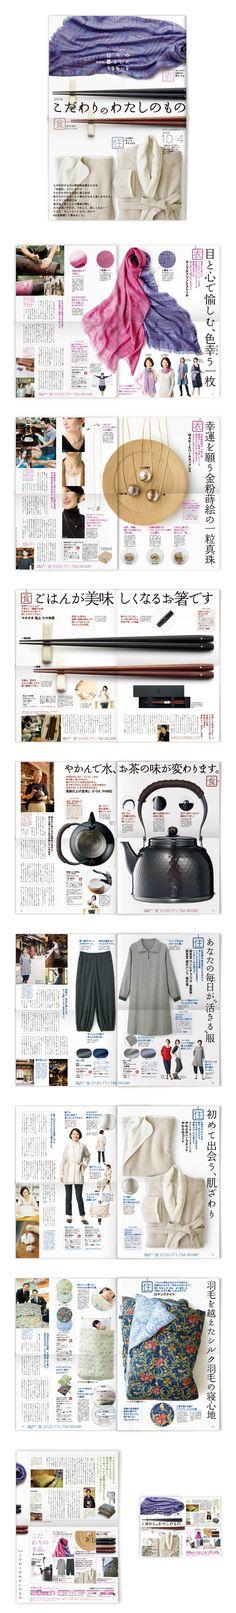 こだわりのじぶんのもの Catalog Layout / Editorial Design カタログ エディトリアルデザイン